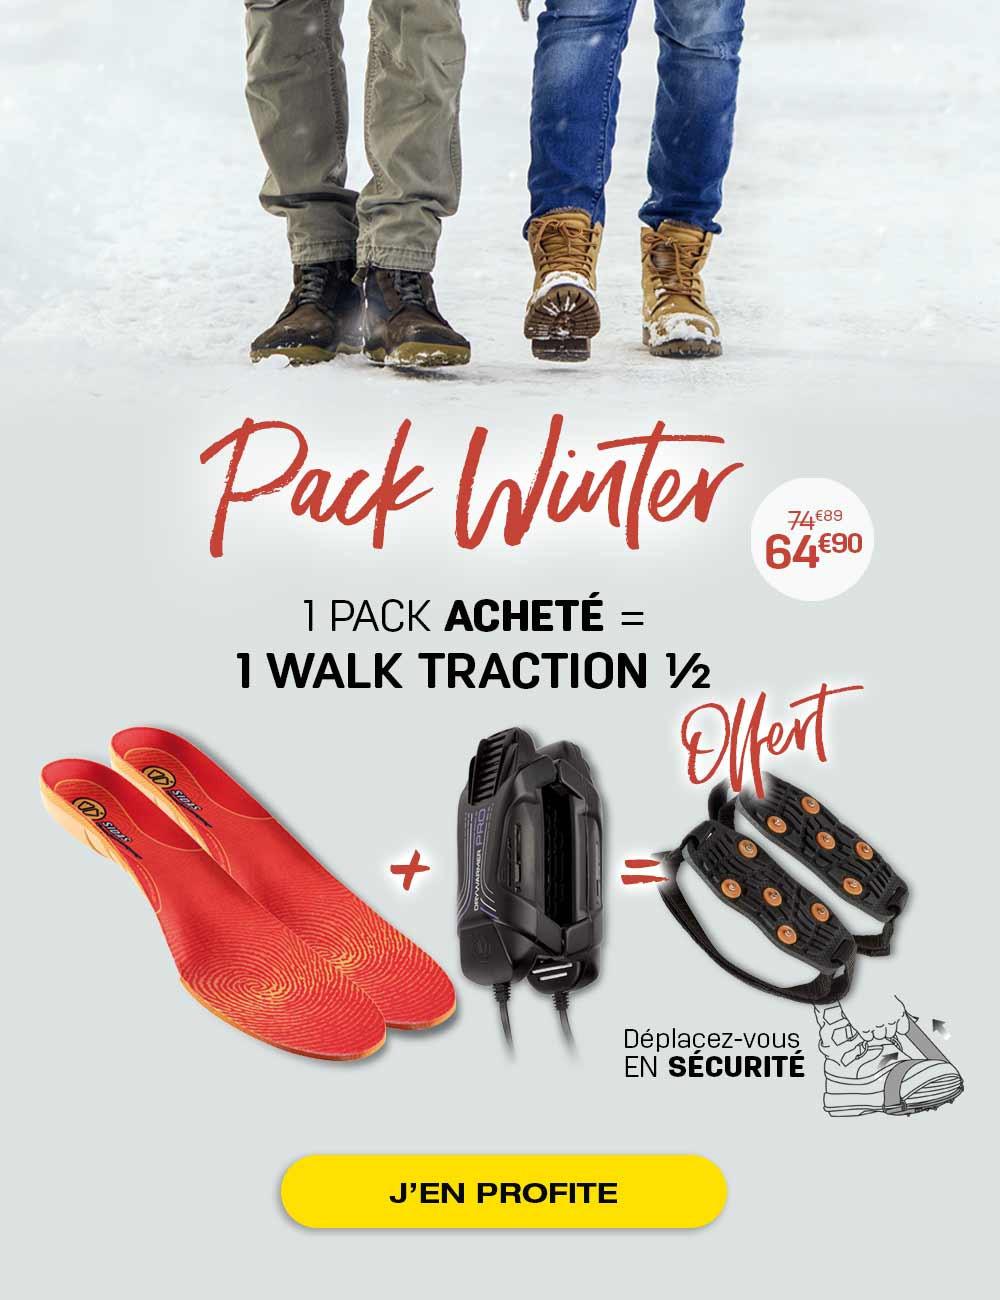 Préparez votre séjour à la montagne grâce au pack Winter !